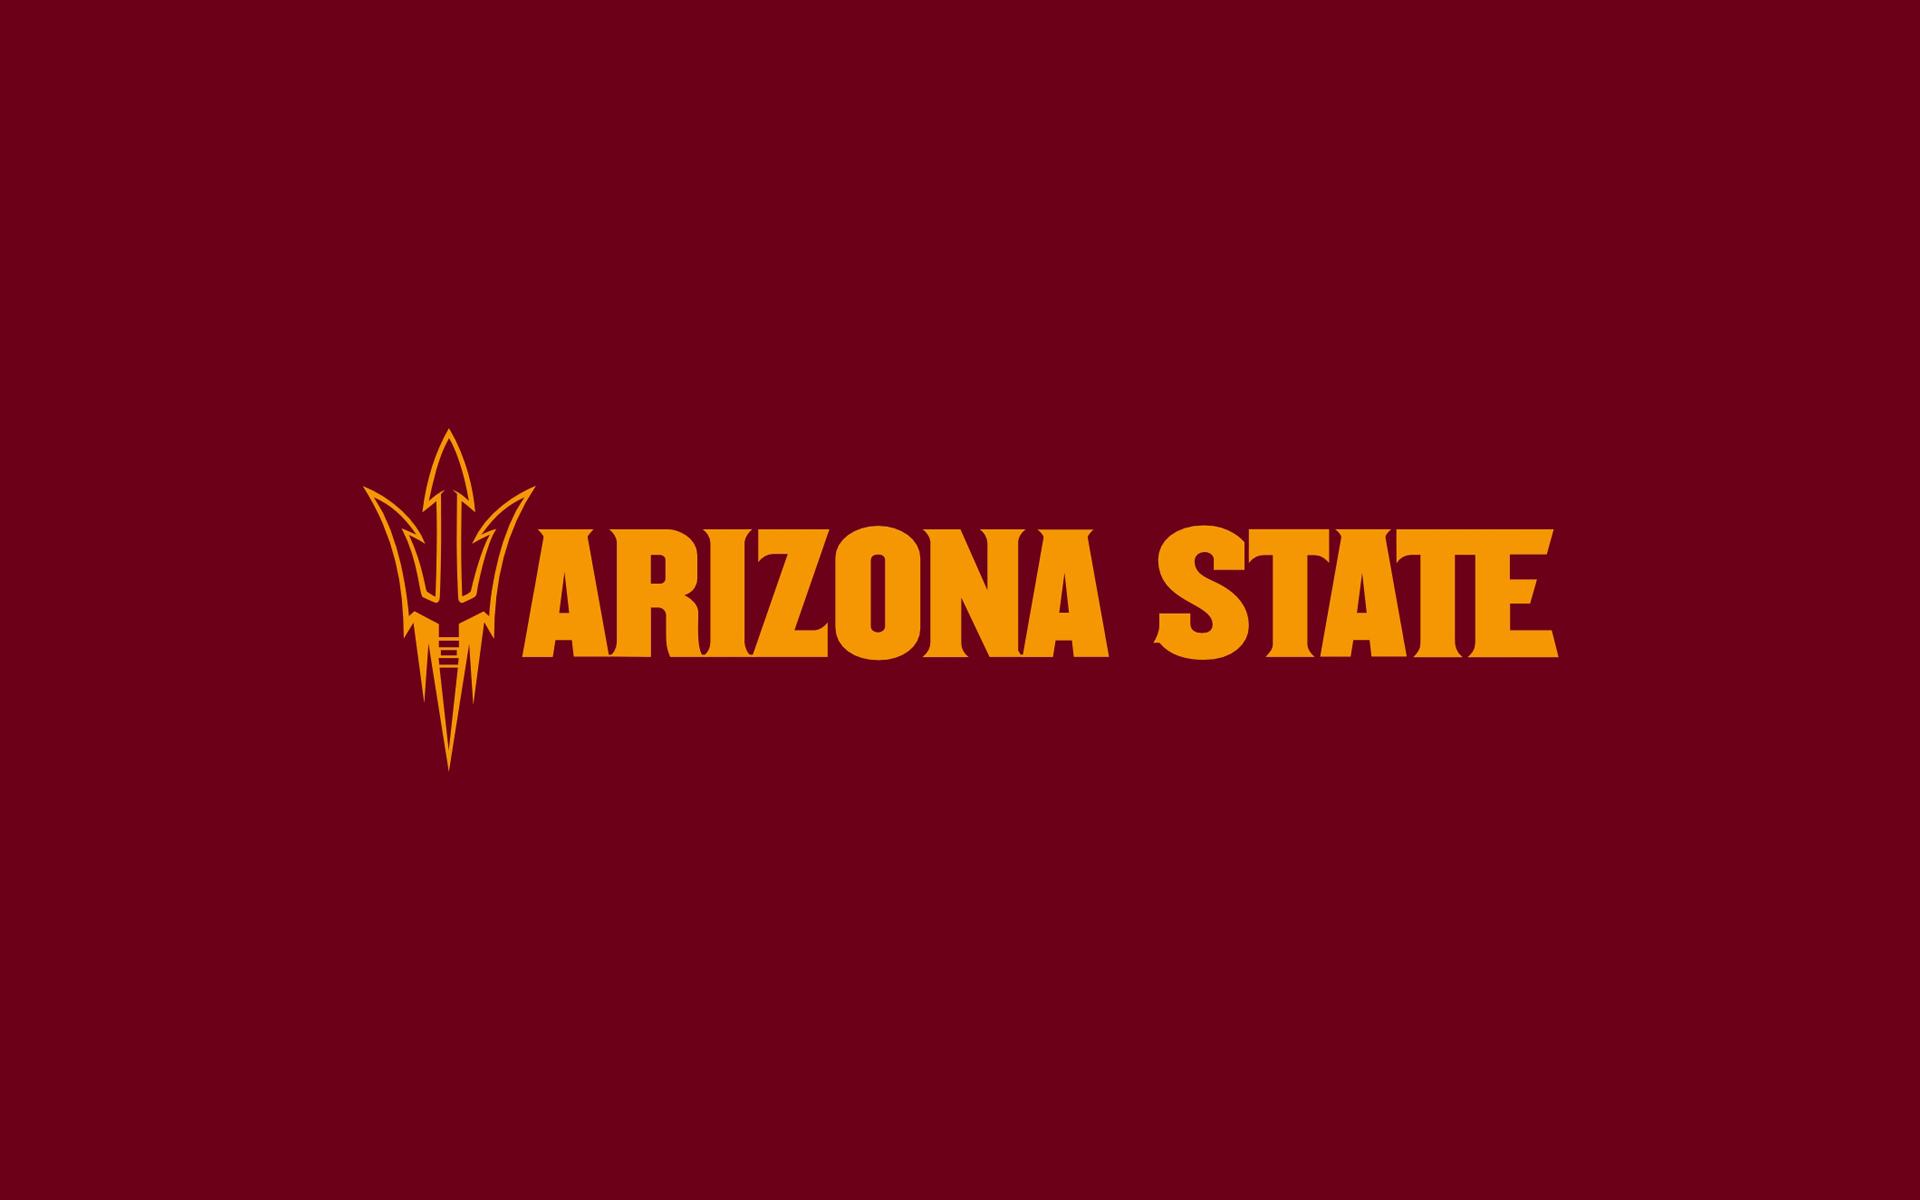 Arizona State University Wallpaper Group 1920x1200